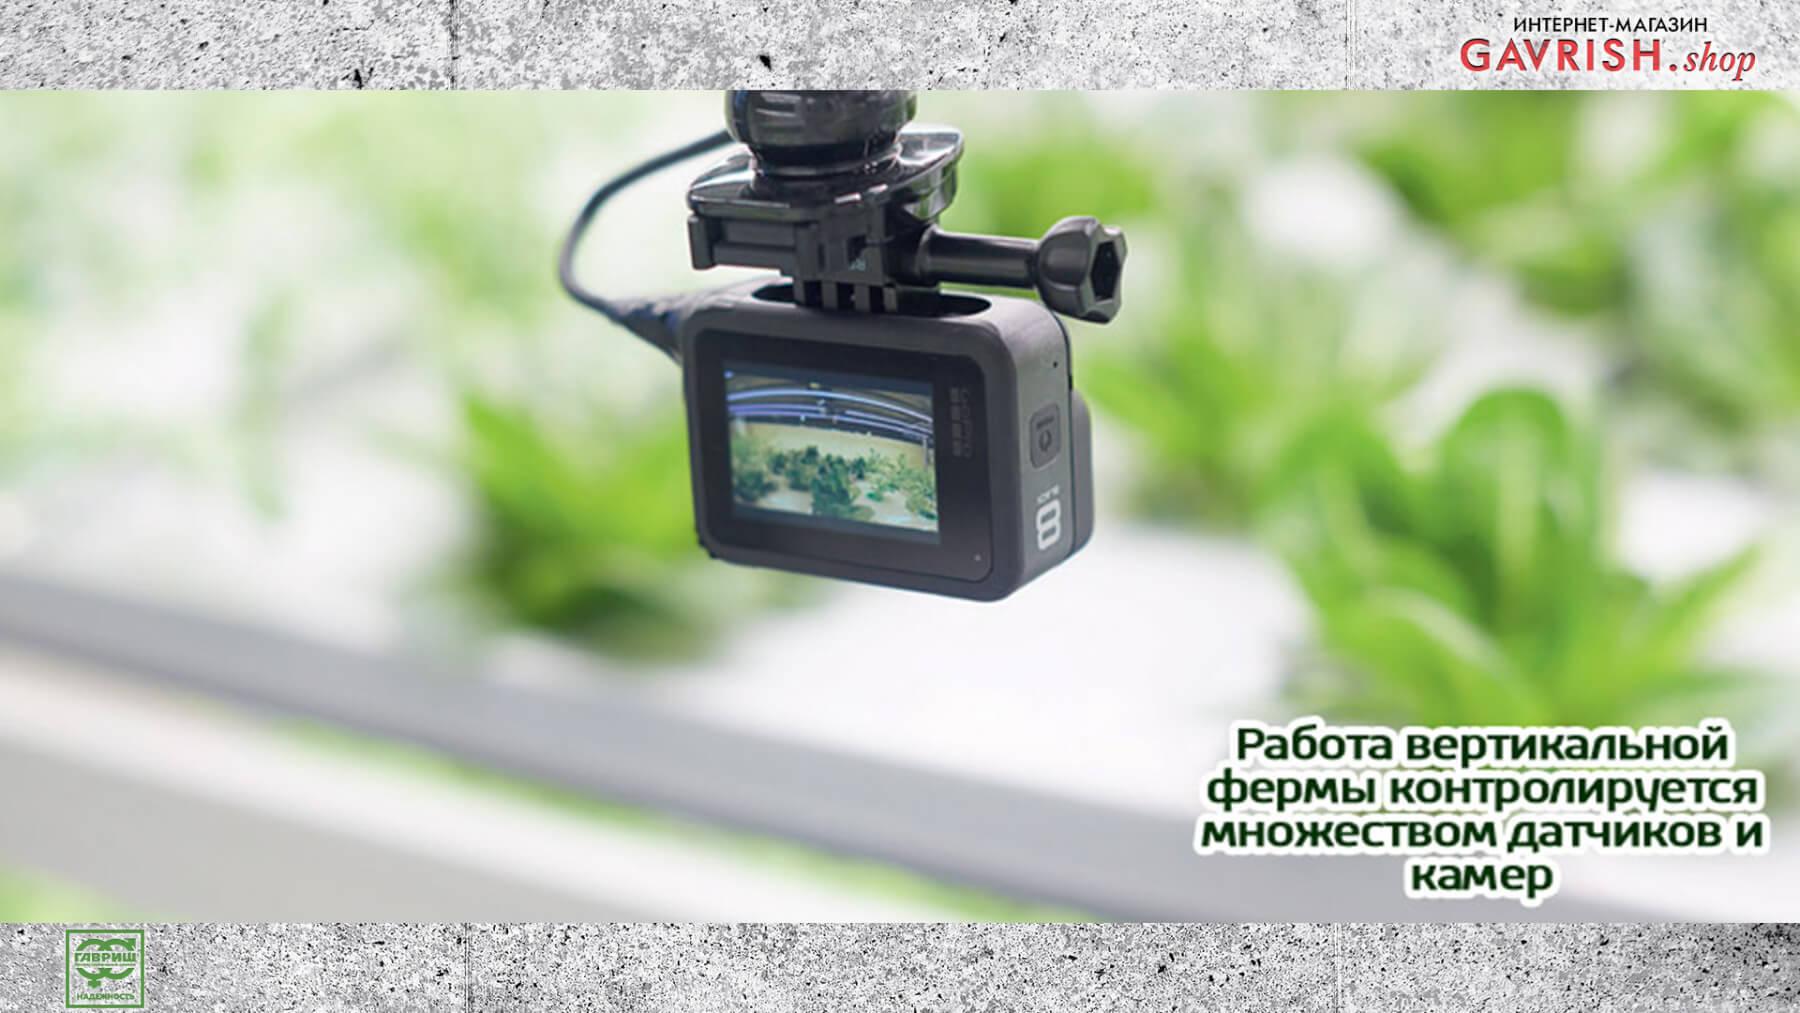 Работа вертикальной фермы контролируется датчиками и камерами. Фото: Ника Селезнева